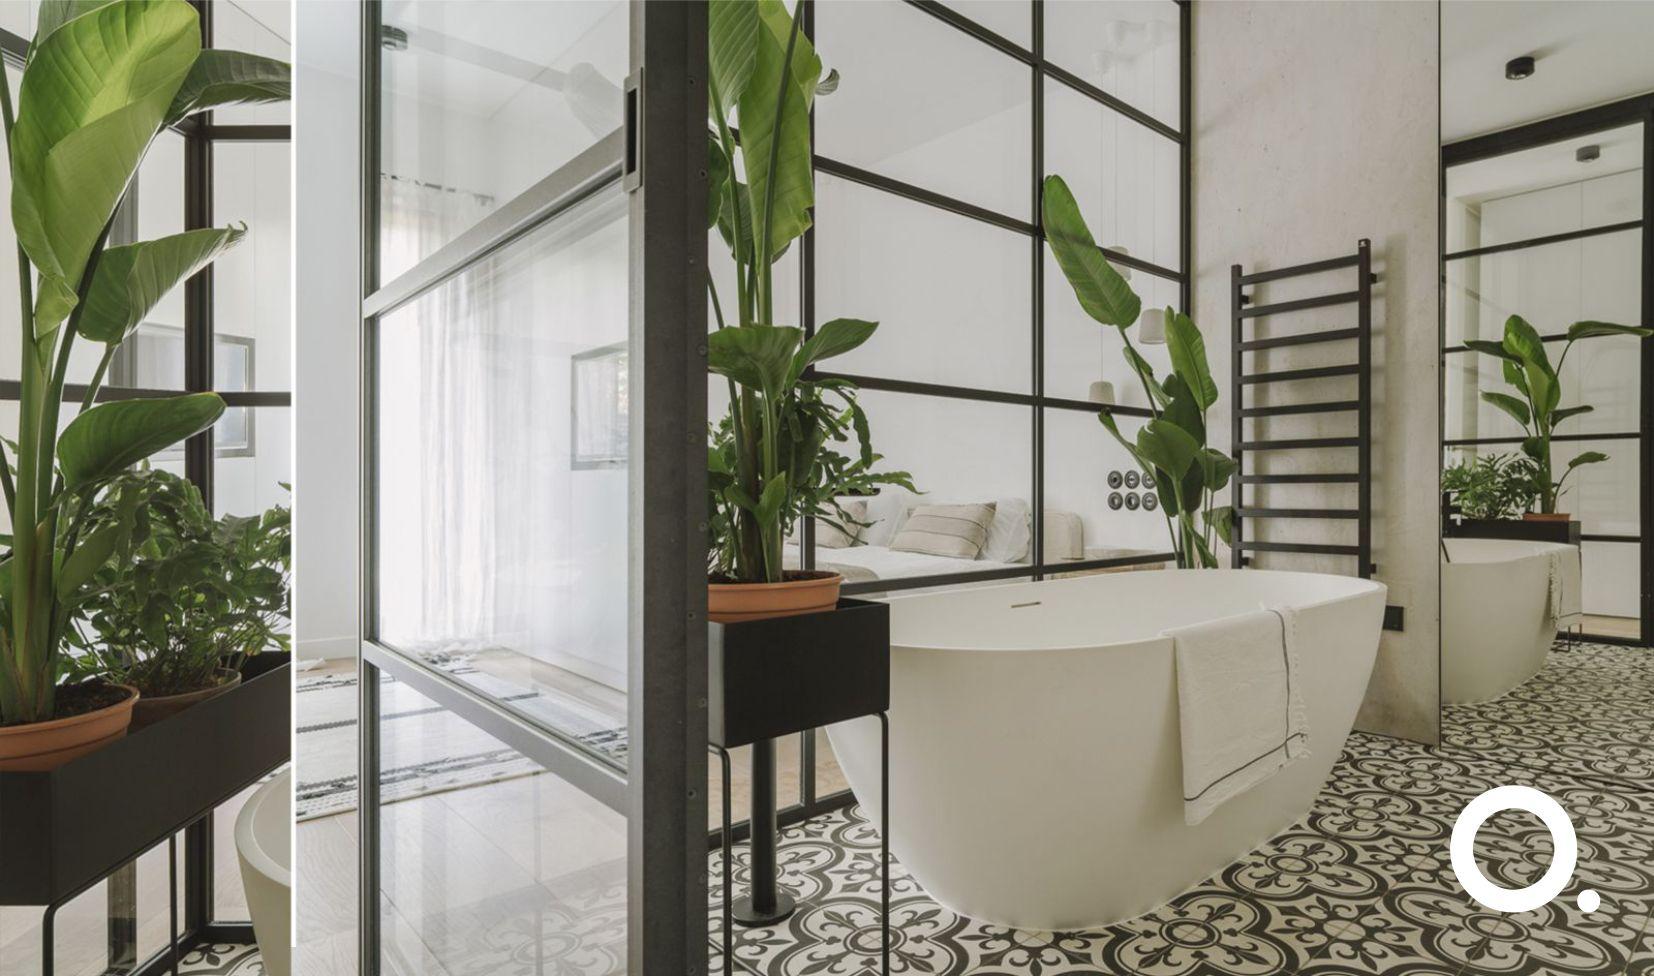 Łazienka łączona z sypialnią z przeszkleniami